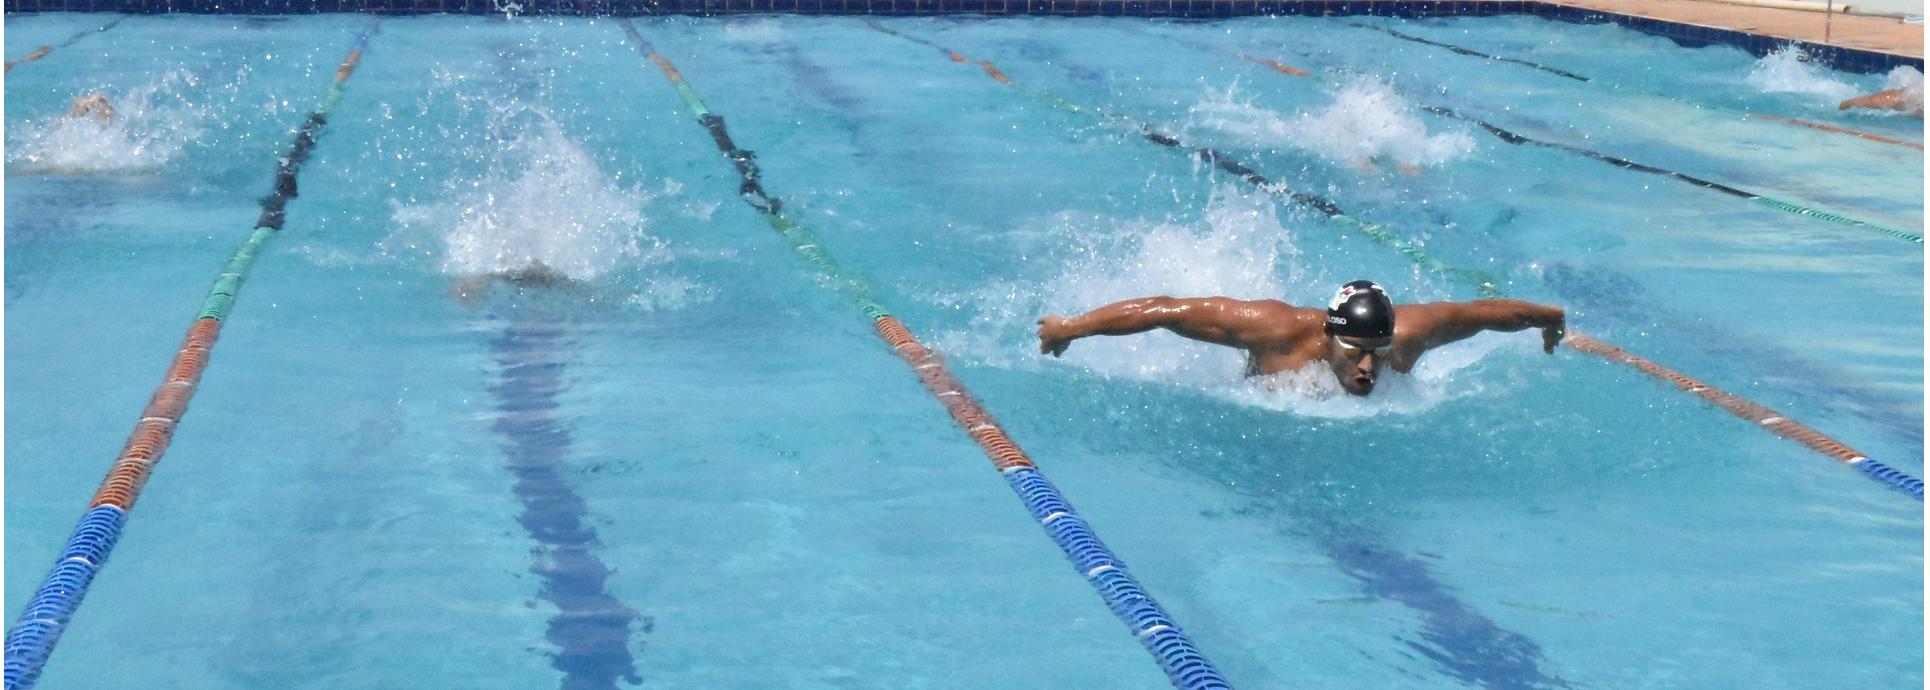 lekcje pływania dla młodzieży Włochy i Ochota